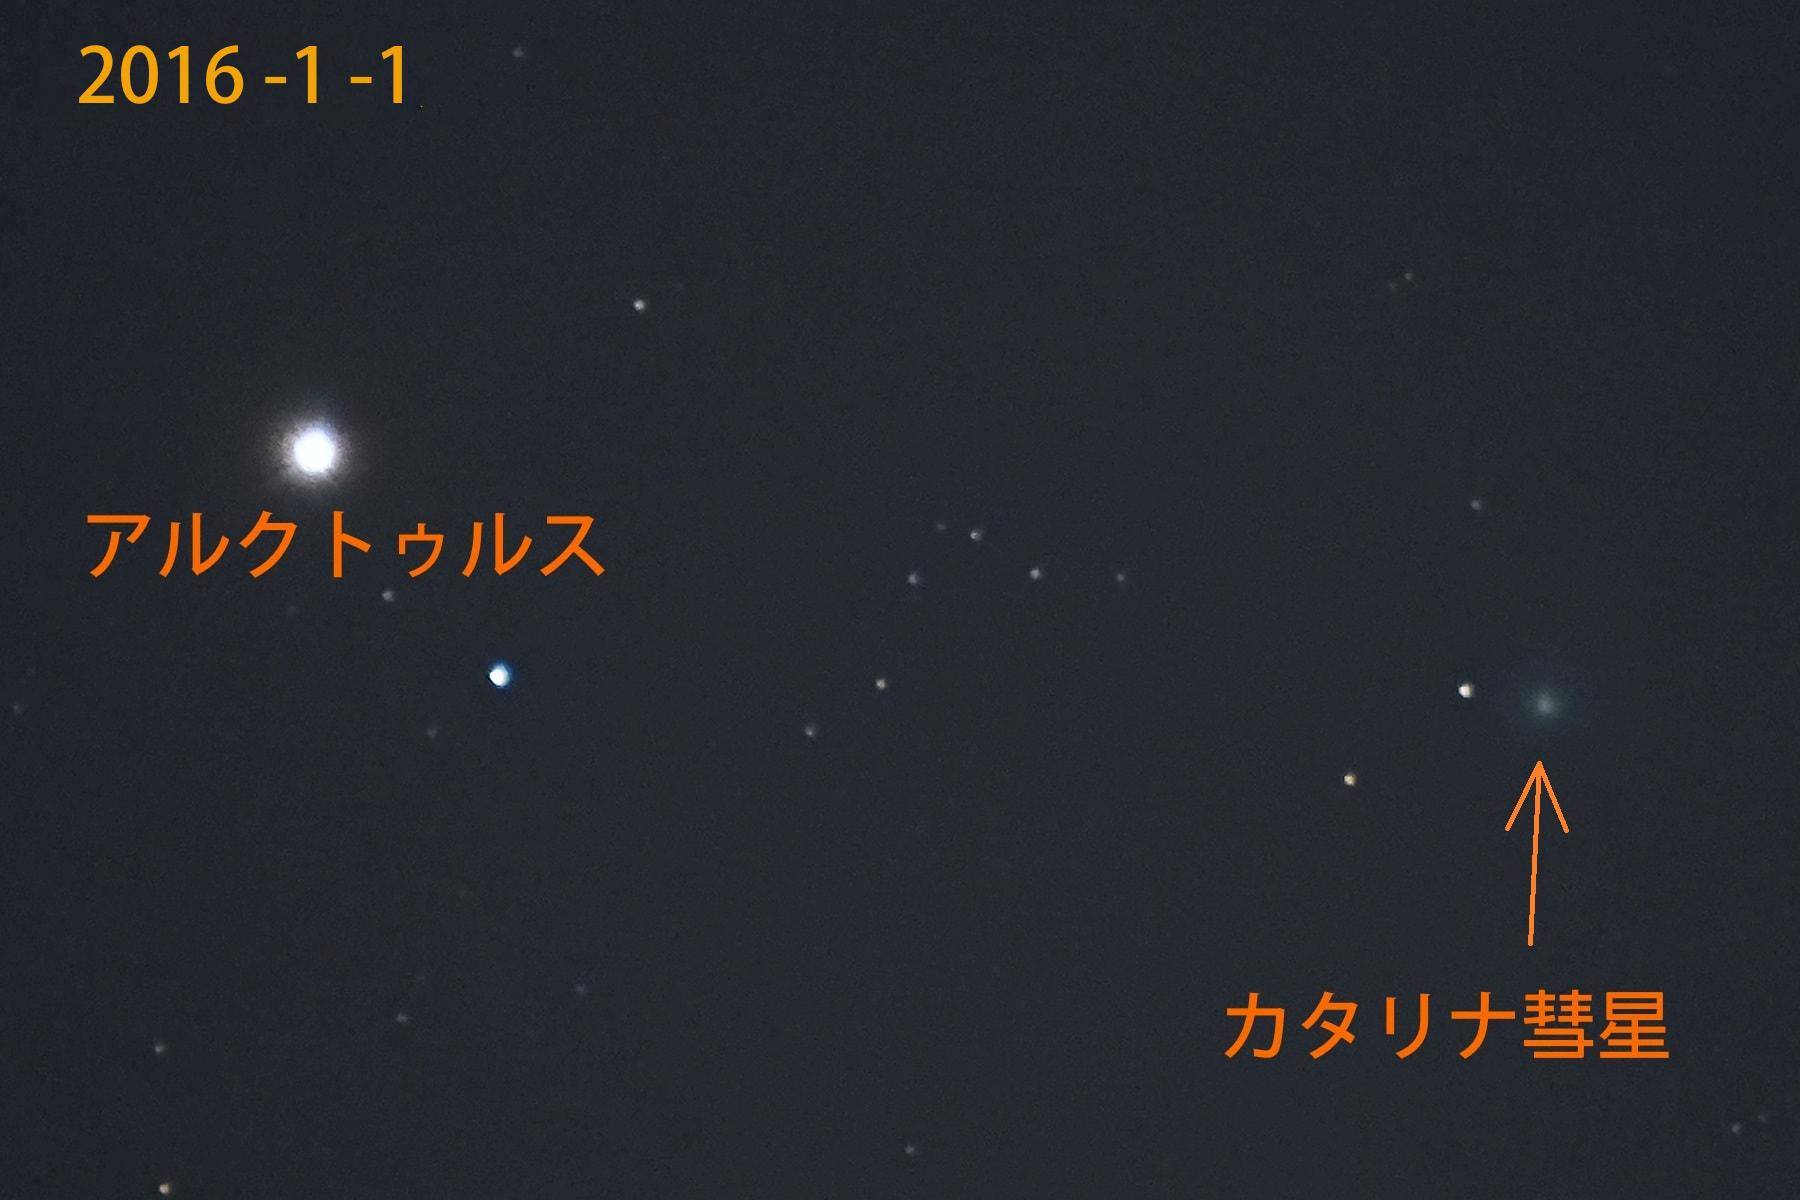 カタリナ彗星.2016-01-01